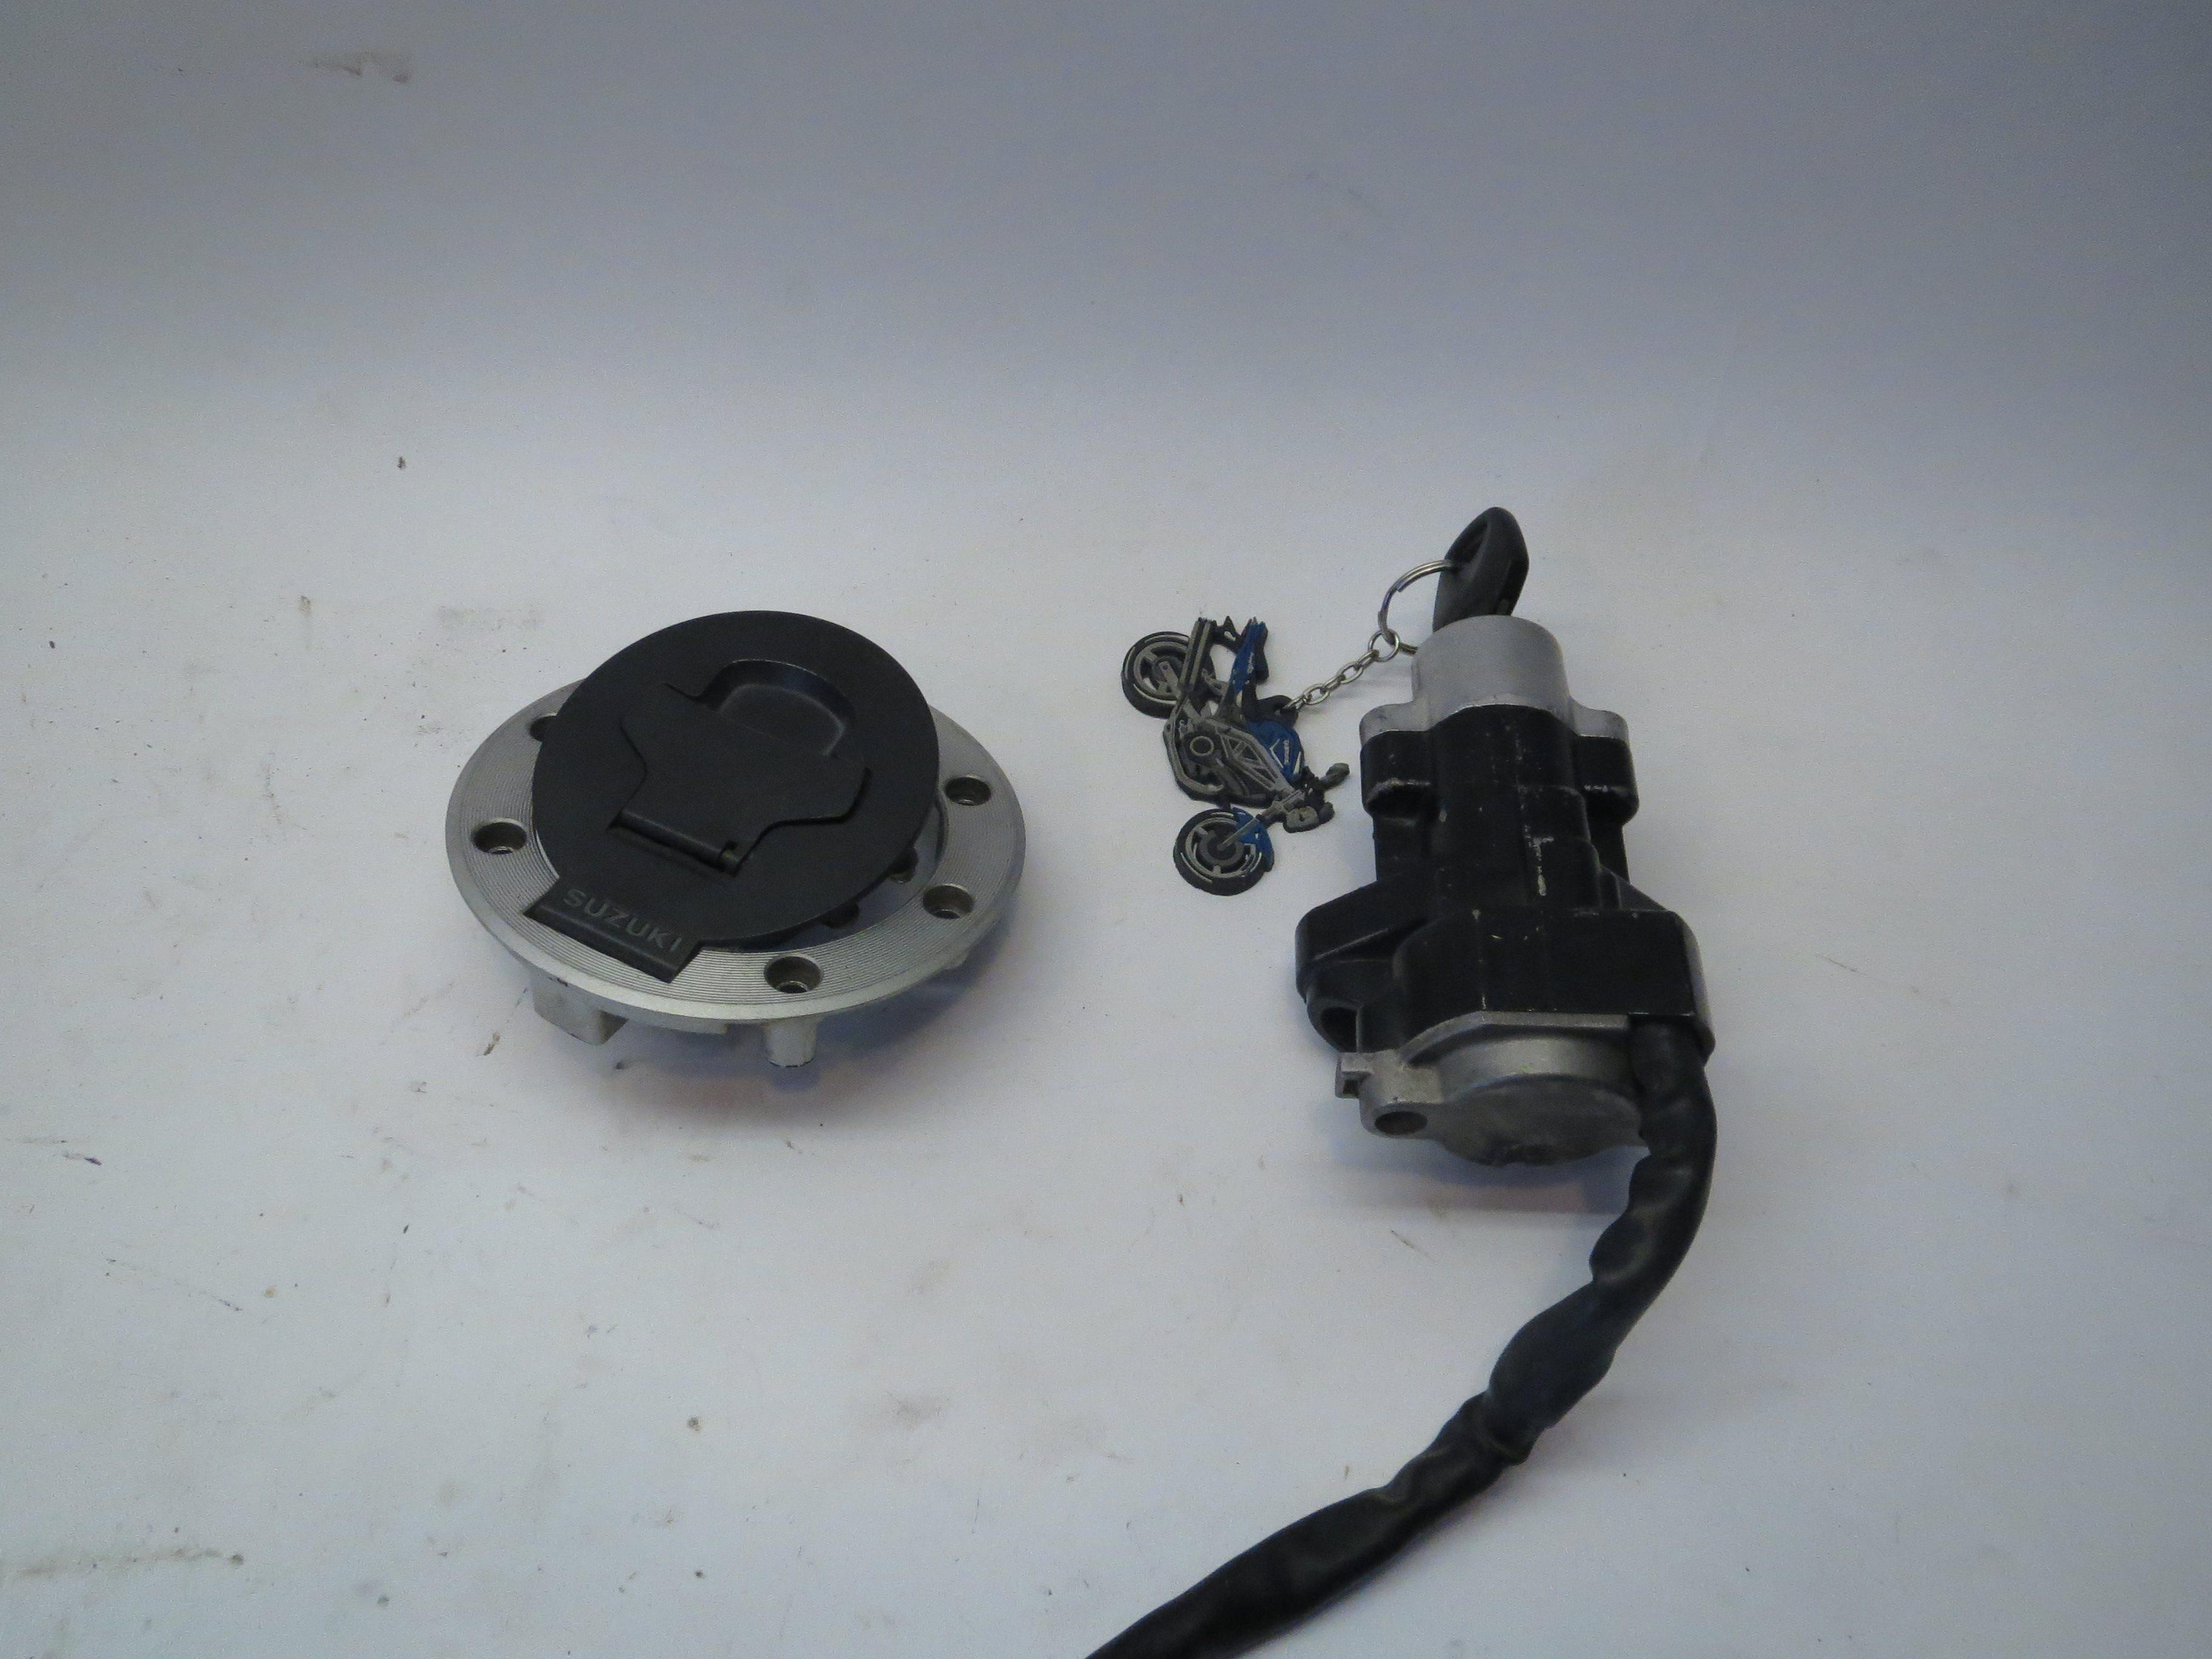 1999-2002 Ignition Switch Fuel Tank Cap Lock Set For Suzuki SV650